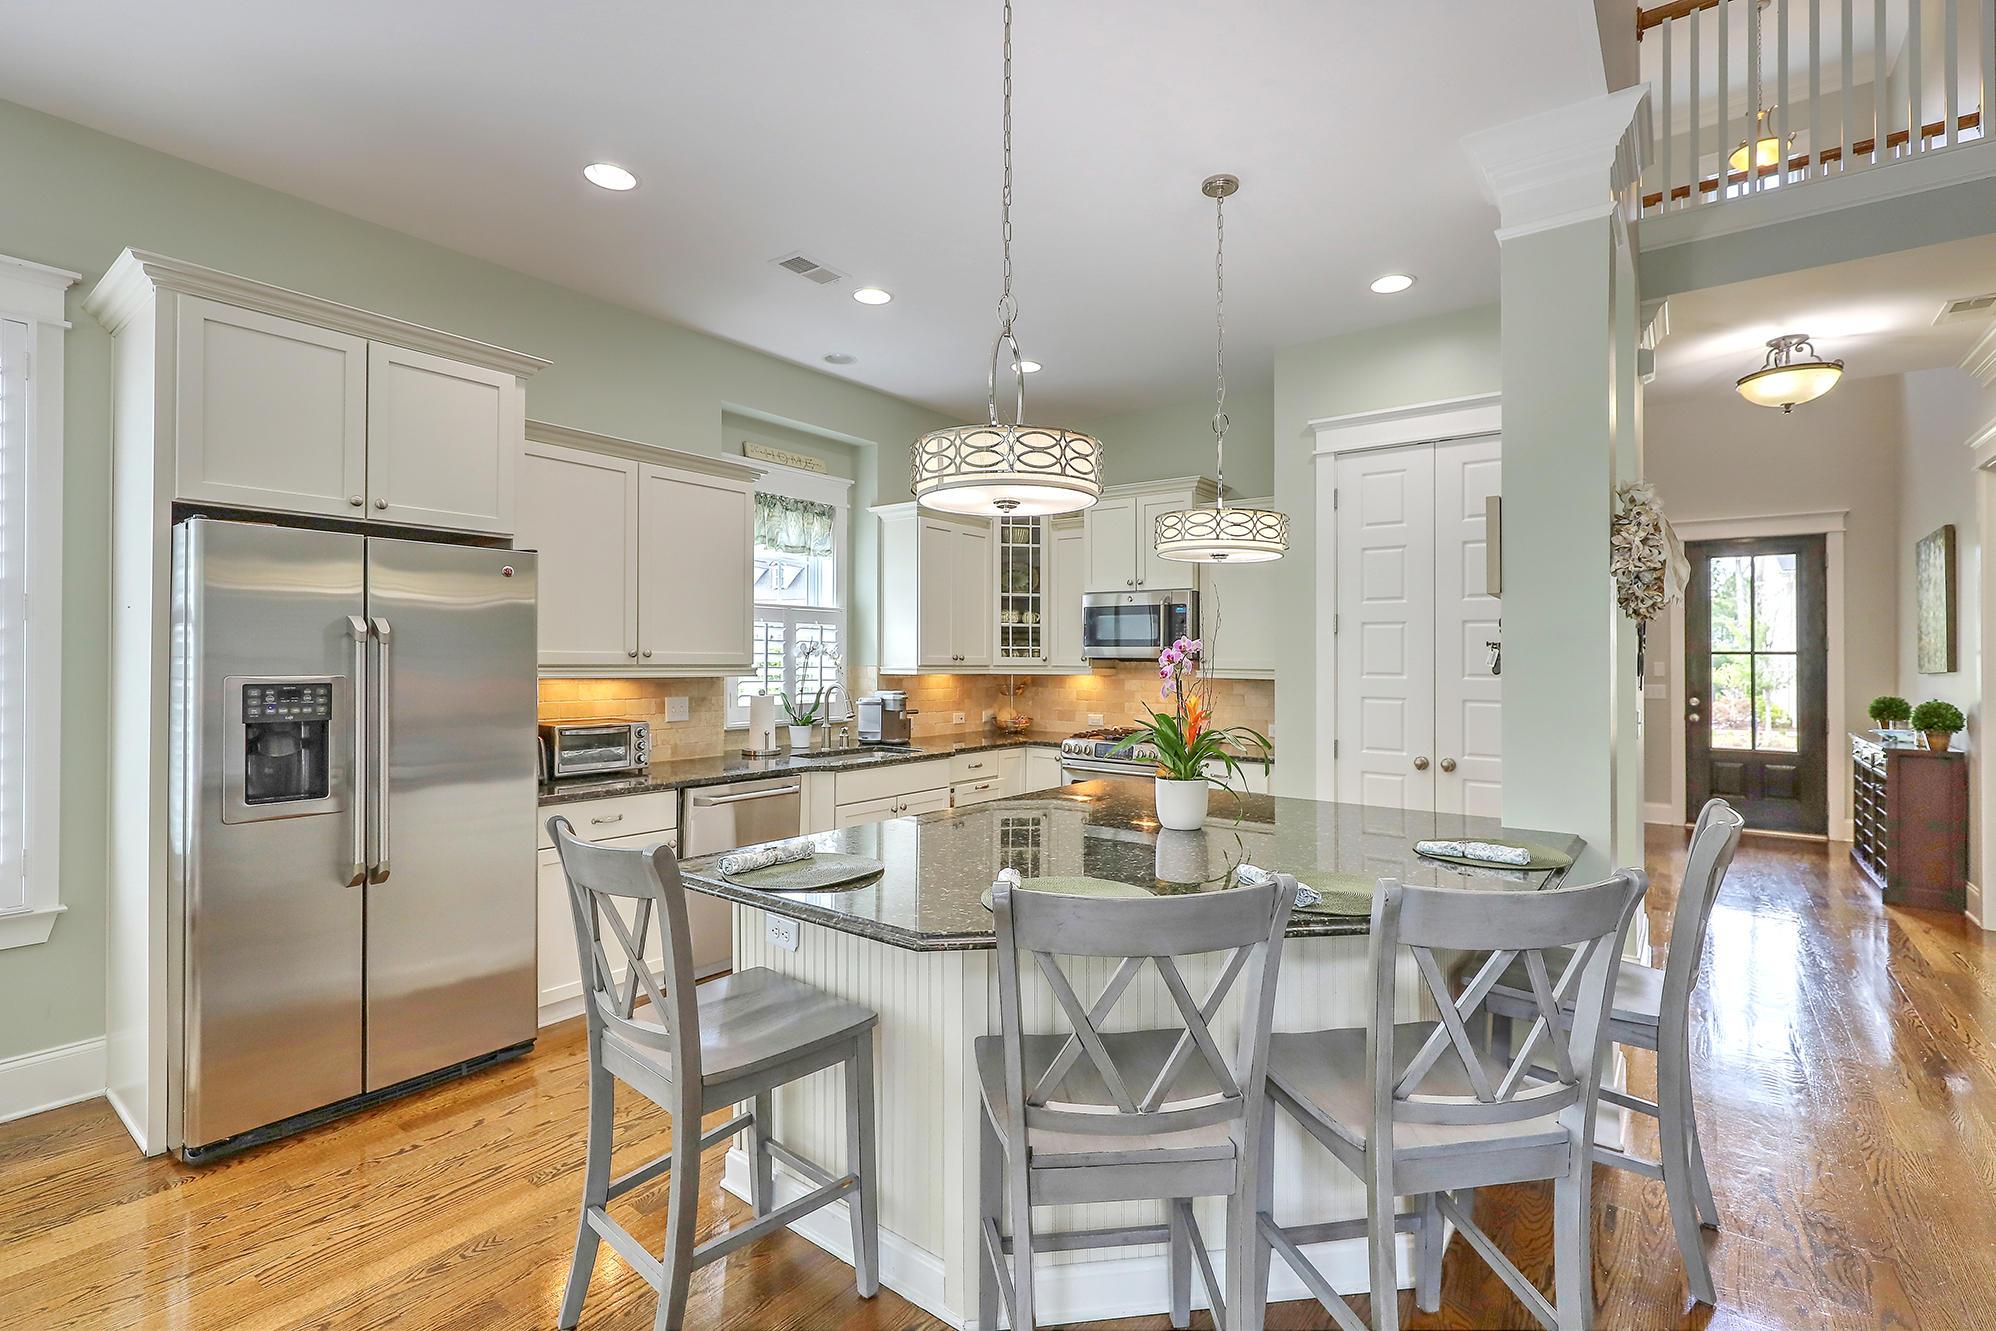 Park West Homes For Sale - 1516 Capel, Mount Pleasant, SC - 27